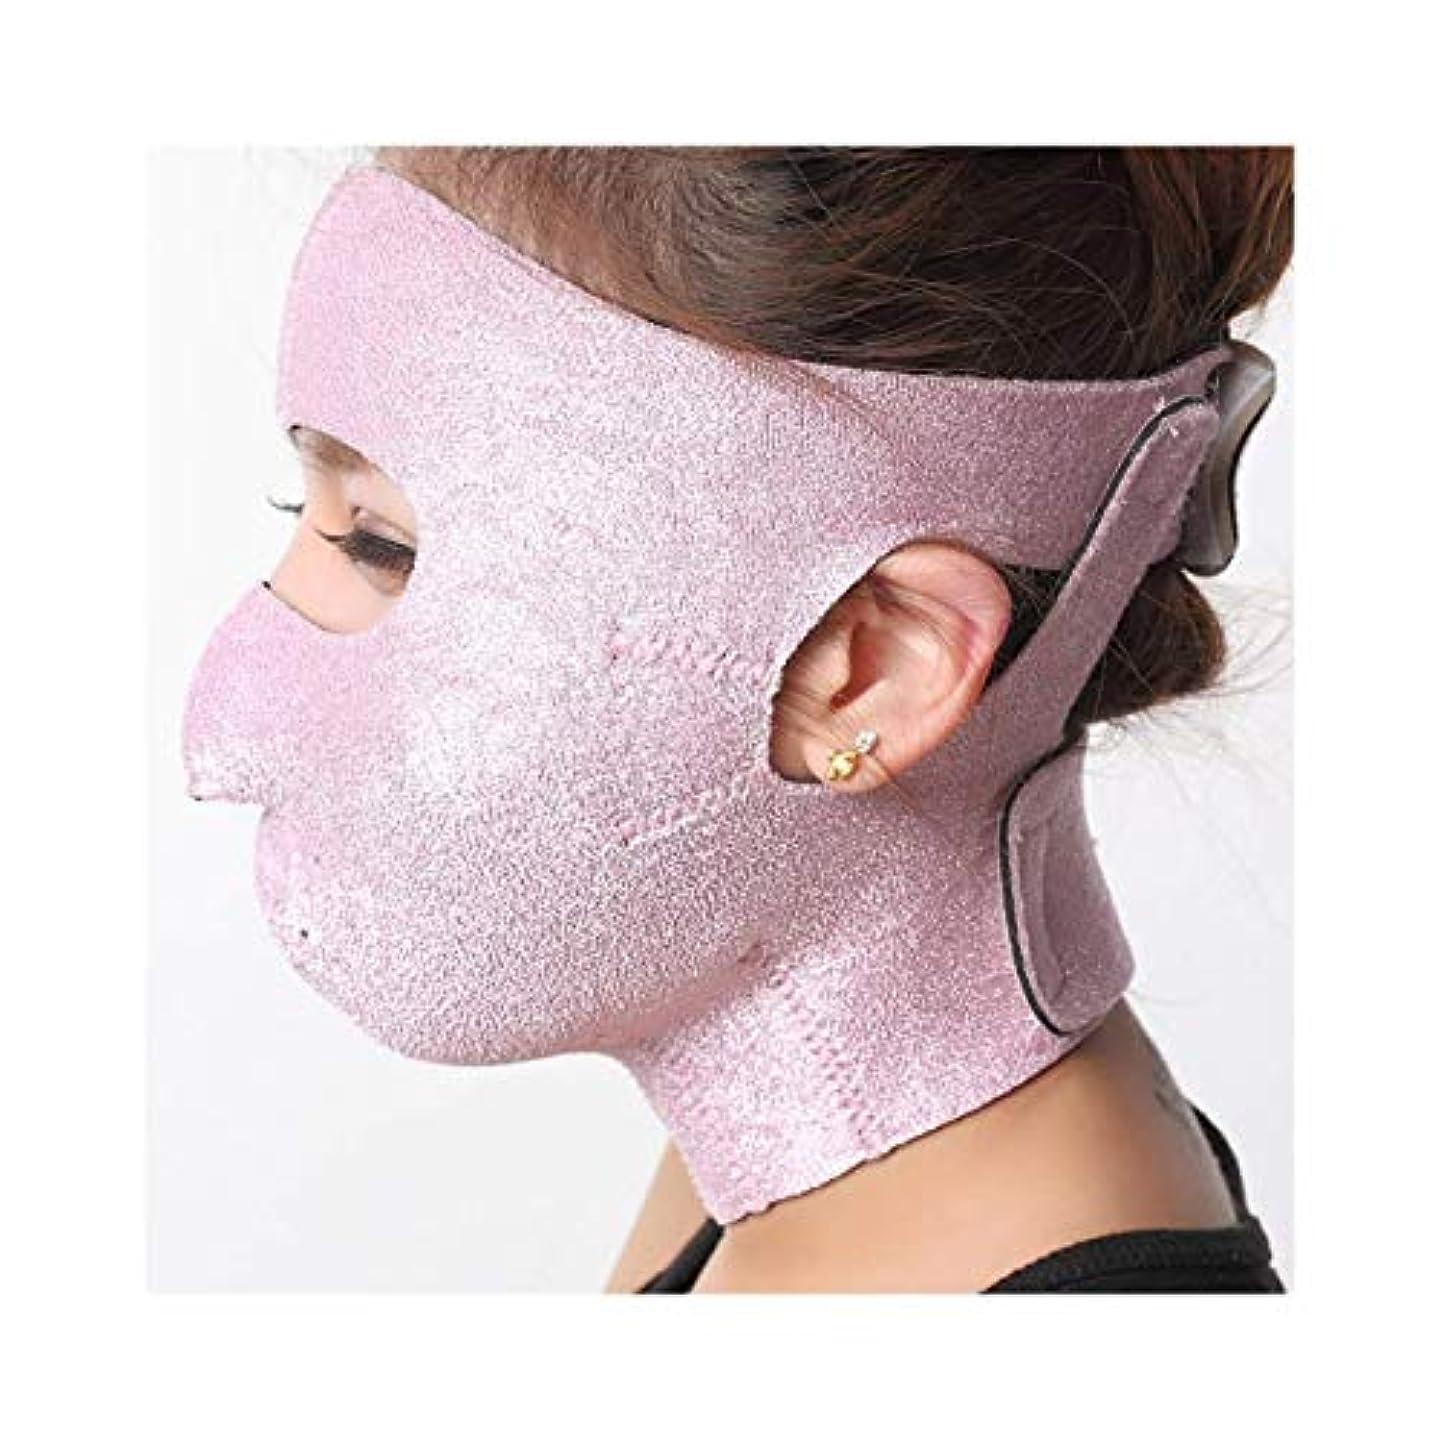 エイズキャンディー散逸ファーミングフェイスマスク、スモールVフェイスアーティファクトSクリームフェイスリフトフェイスメロンフェイスインストゥルメントを引き締めるリフティングマスク付きリープ薄型フェイスバンデージマスク